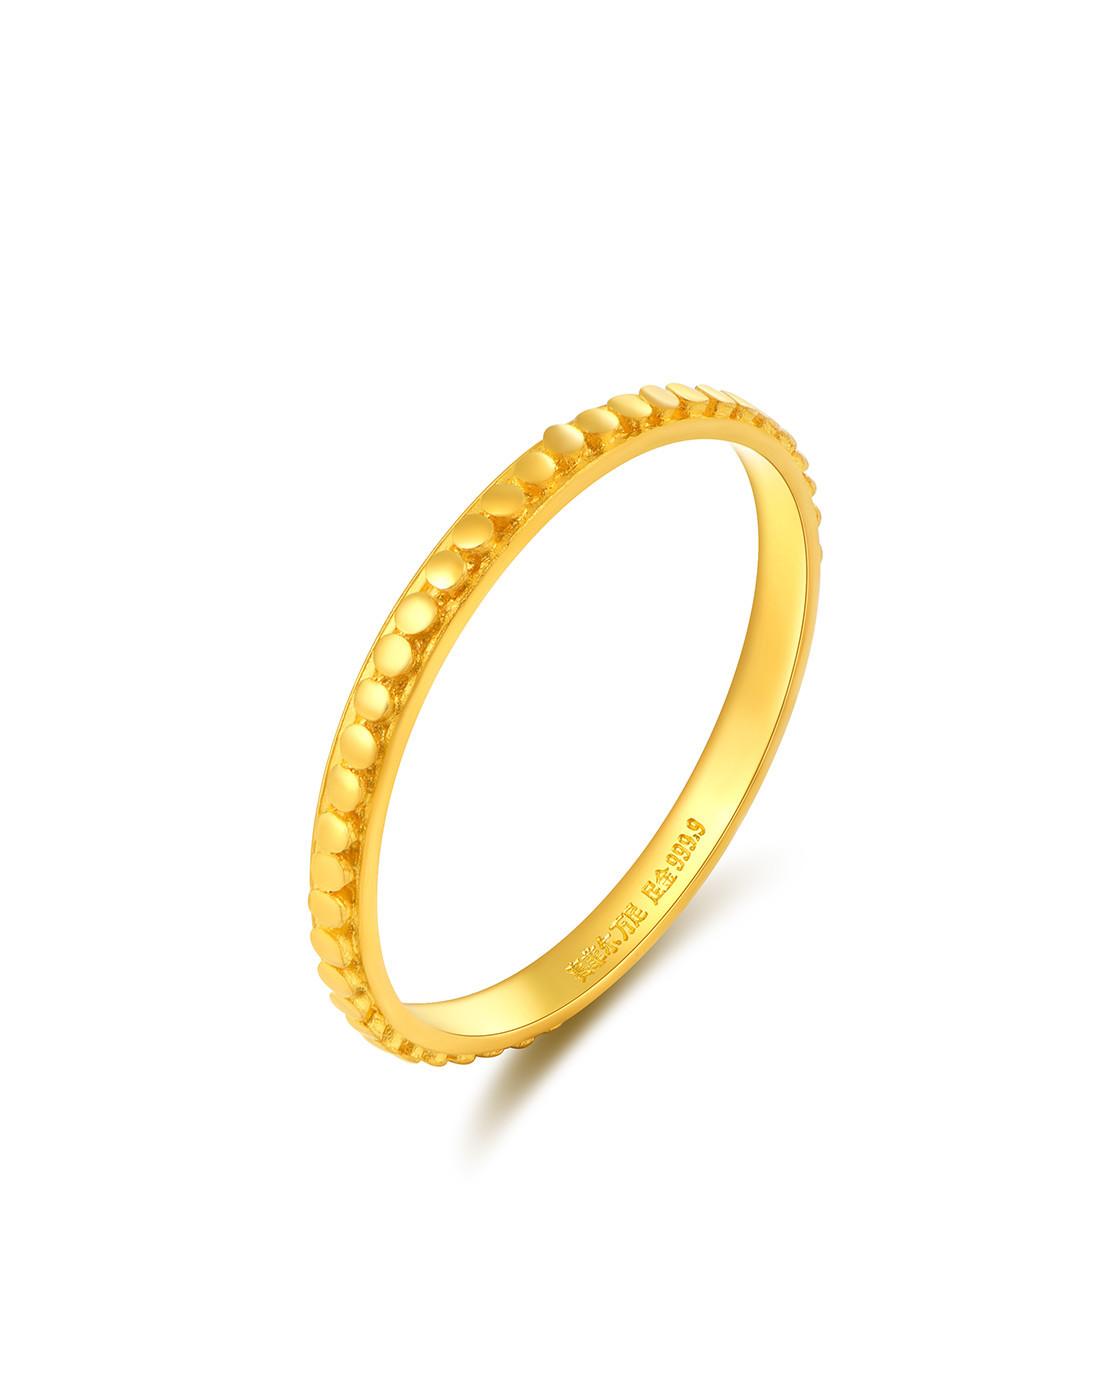 赛菲尔赛菲尔万足 情侣款足金999.9黄金对戒情侣戒指男士戒指计价ASFEb02667a